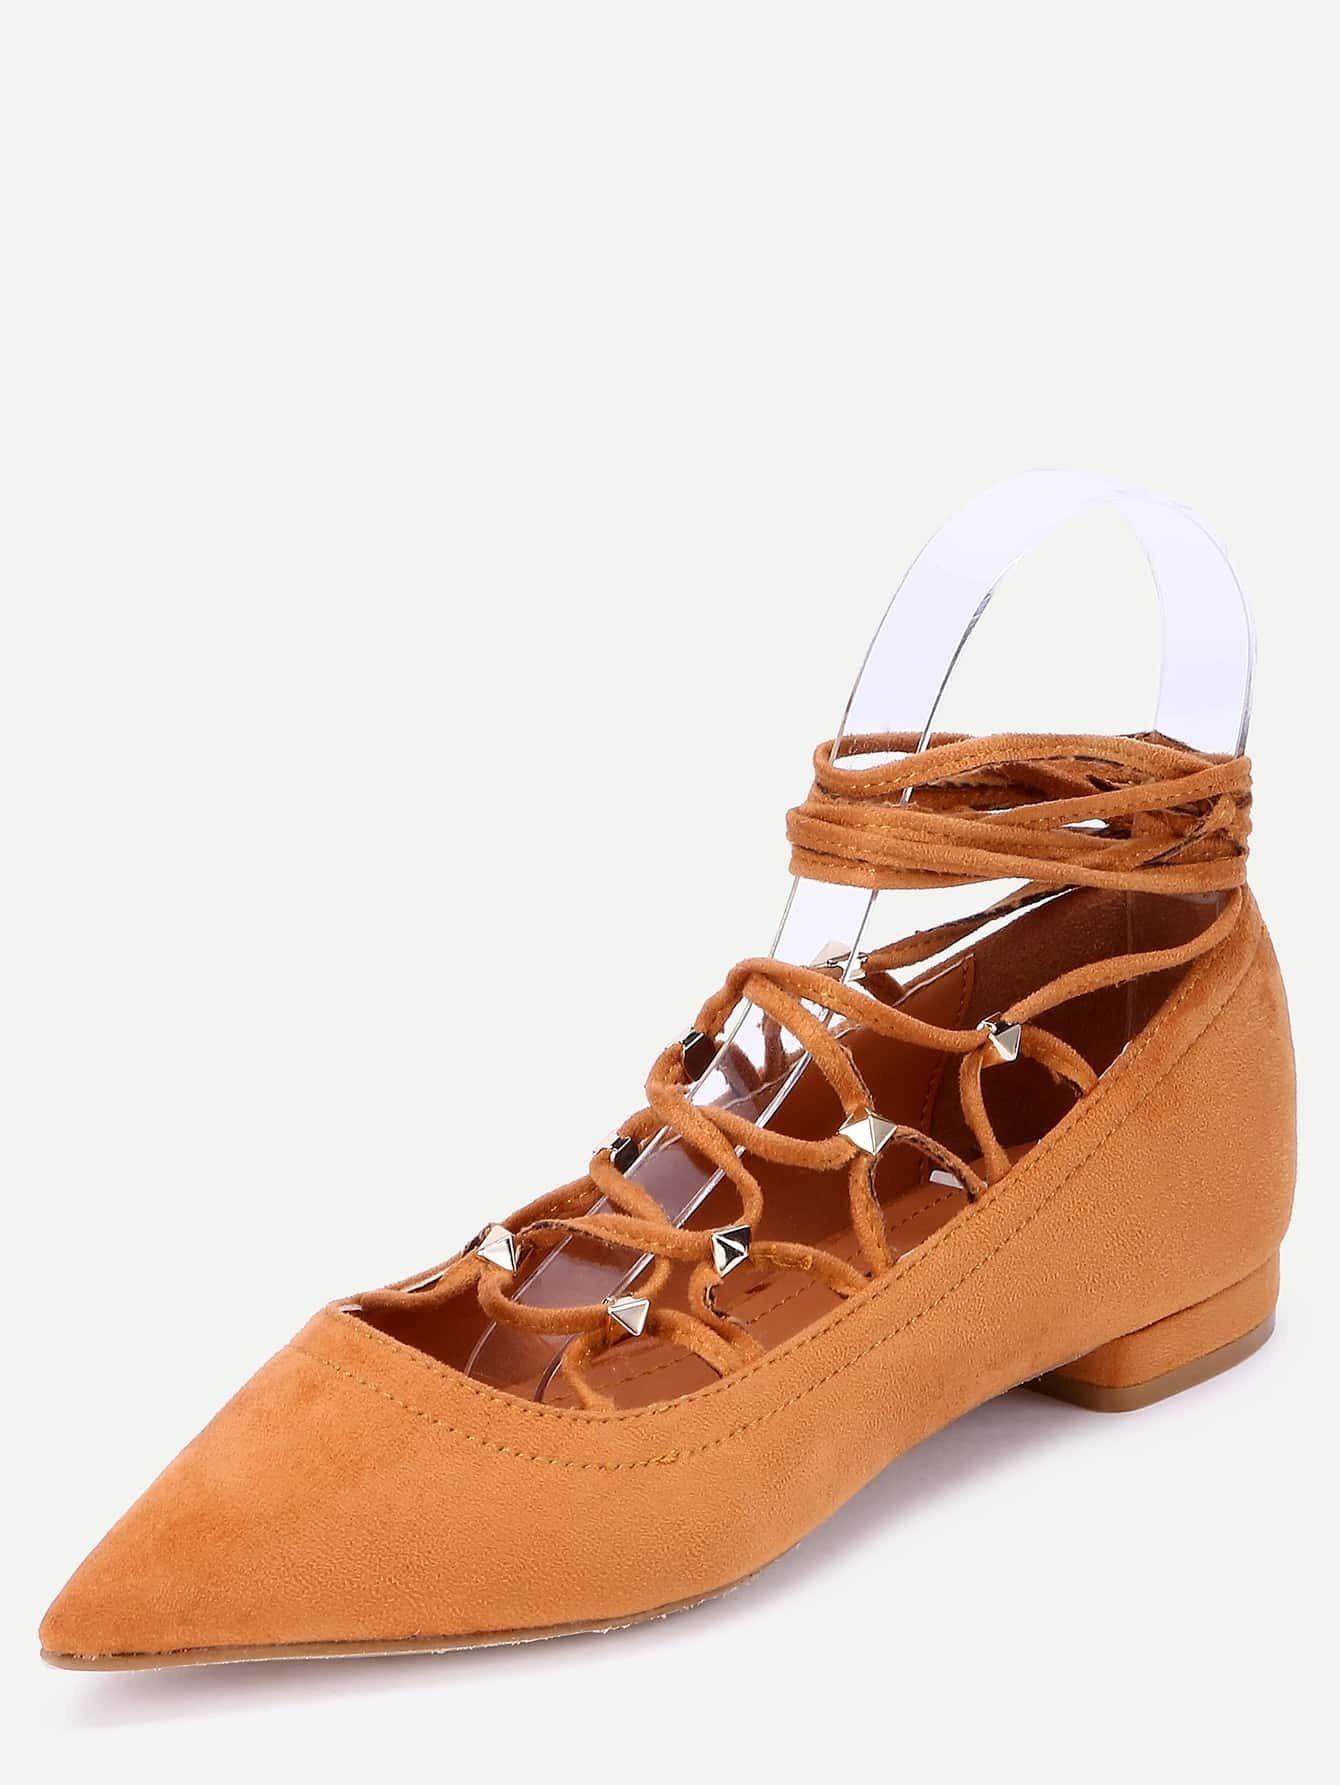 shoes160830802_2